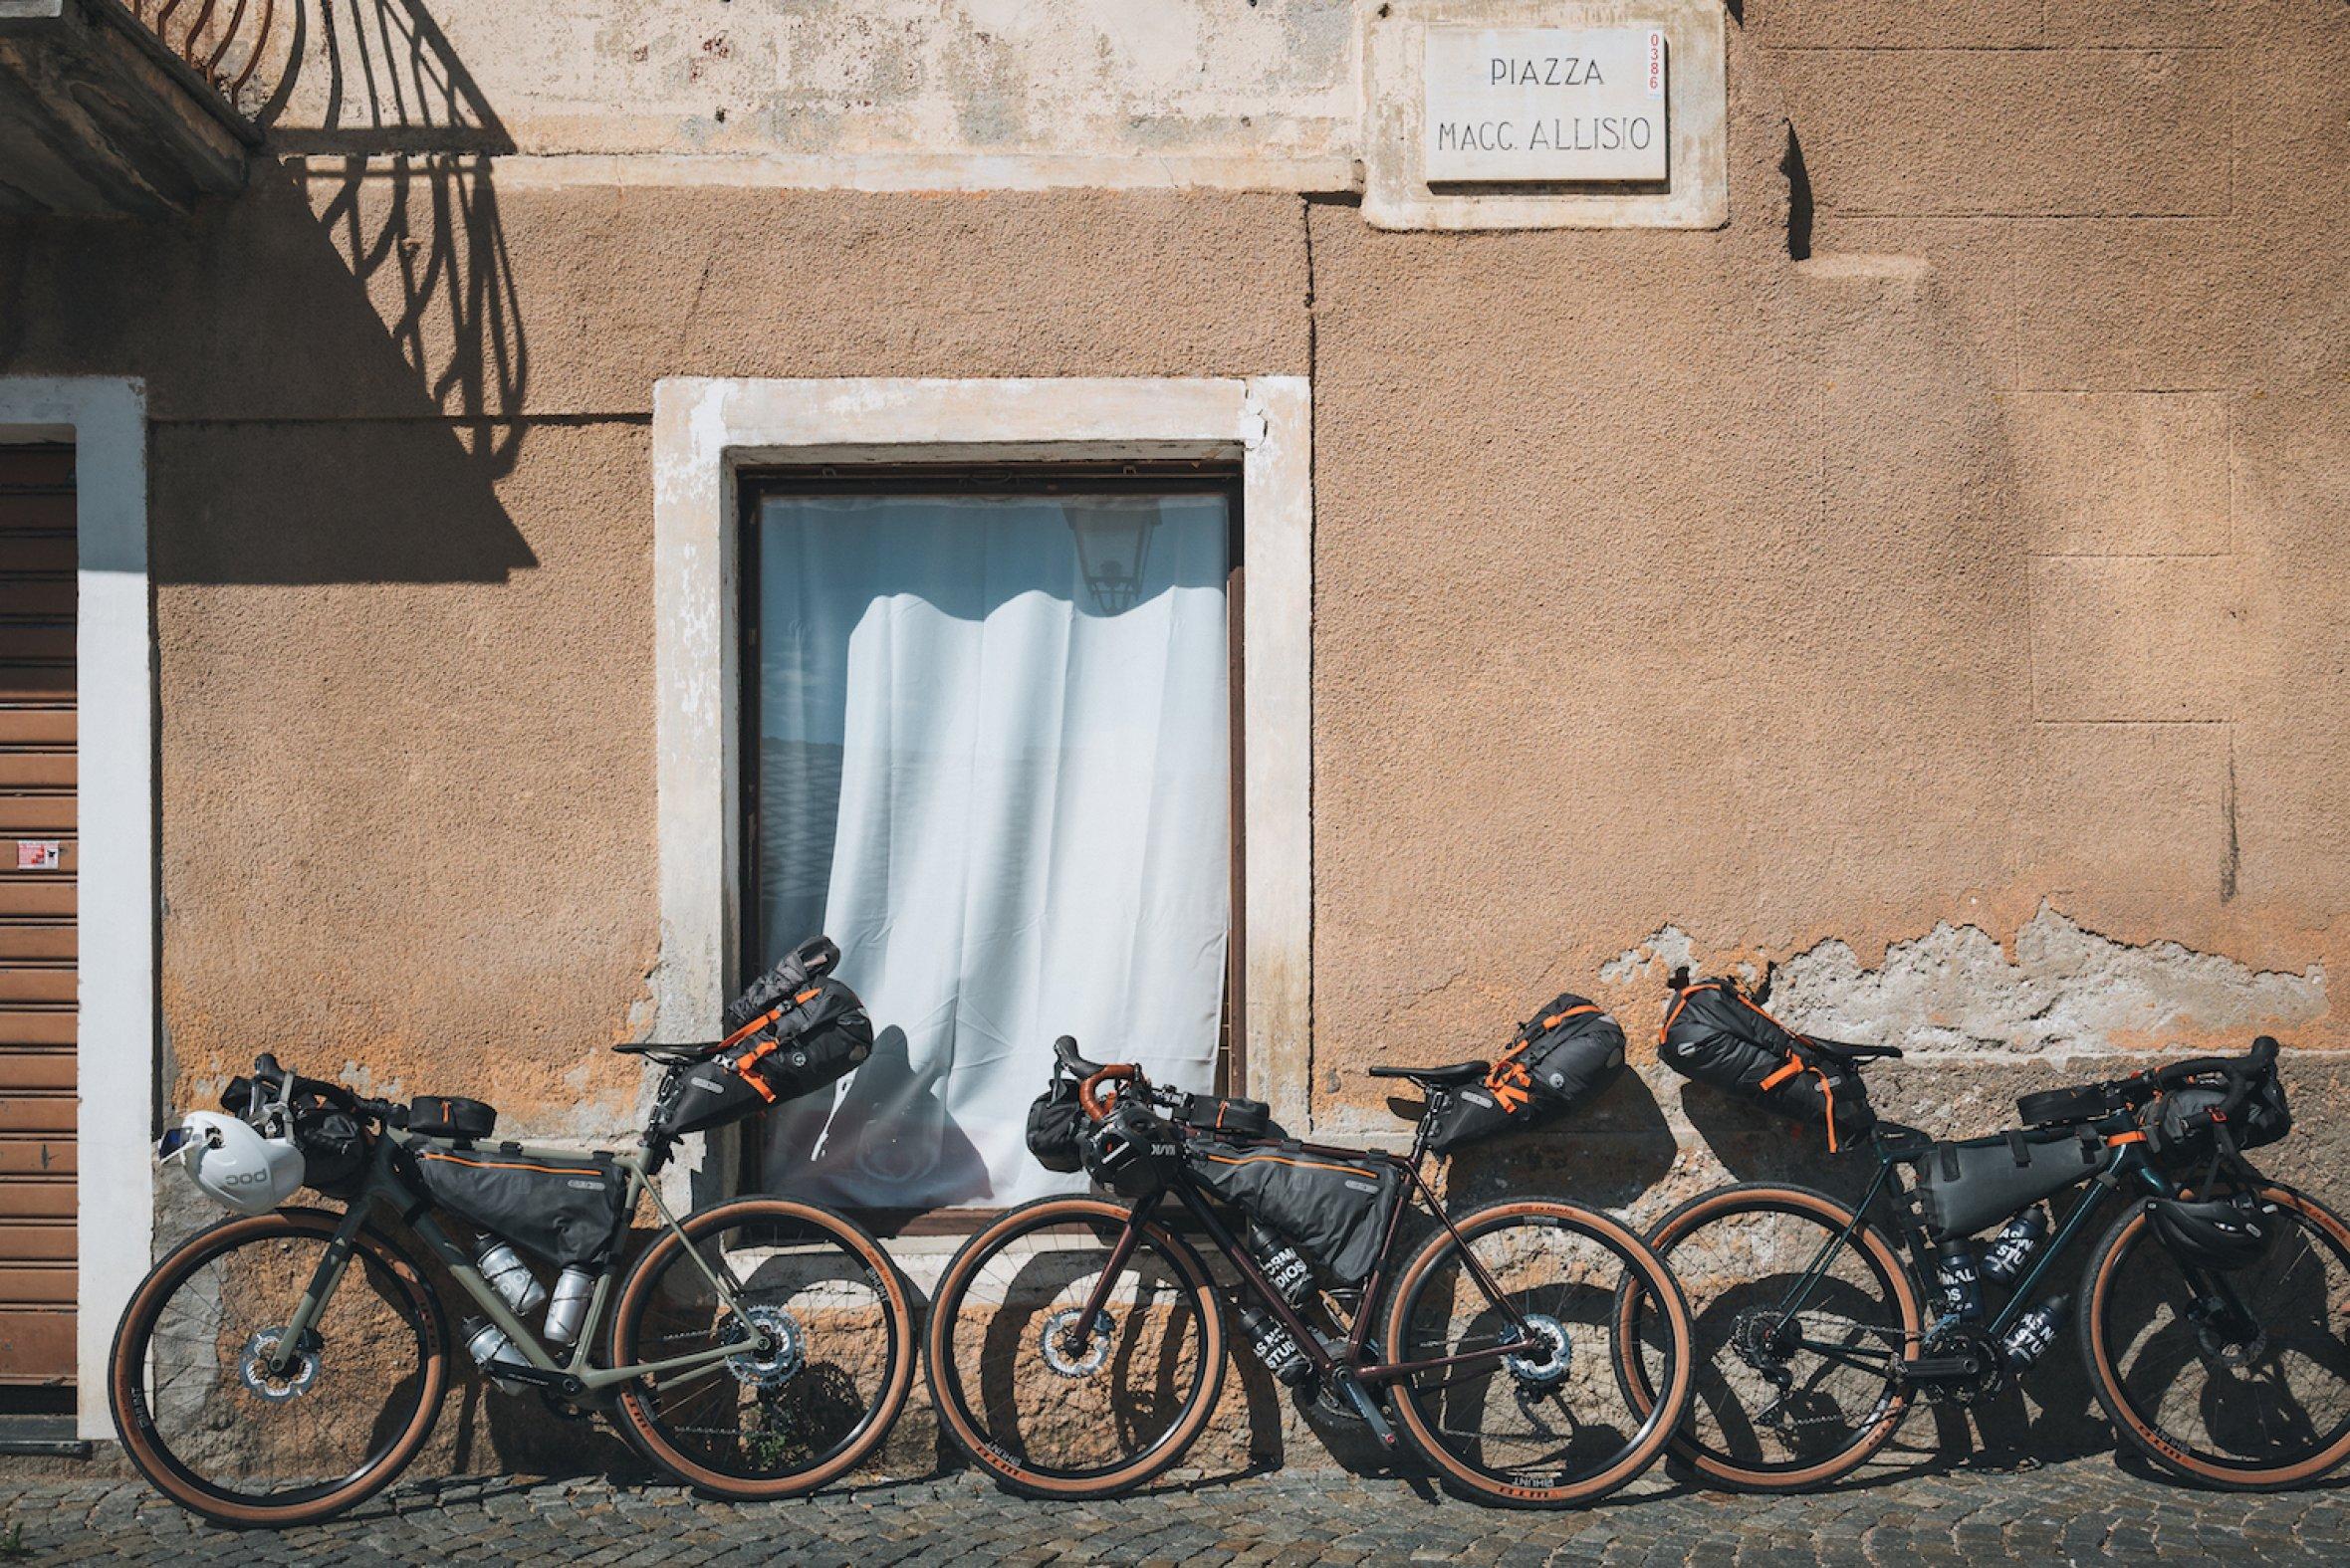 Des  gravel bikes   parés pour l'aventure longue distance